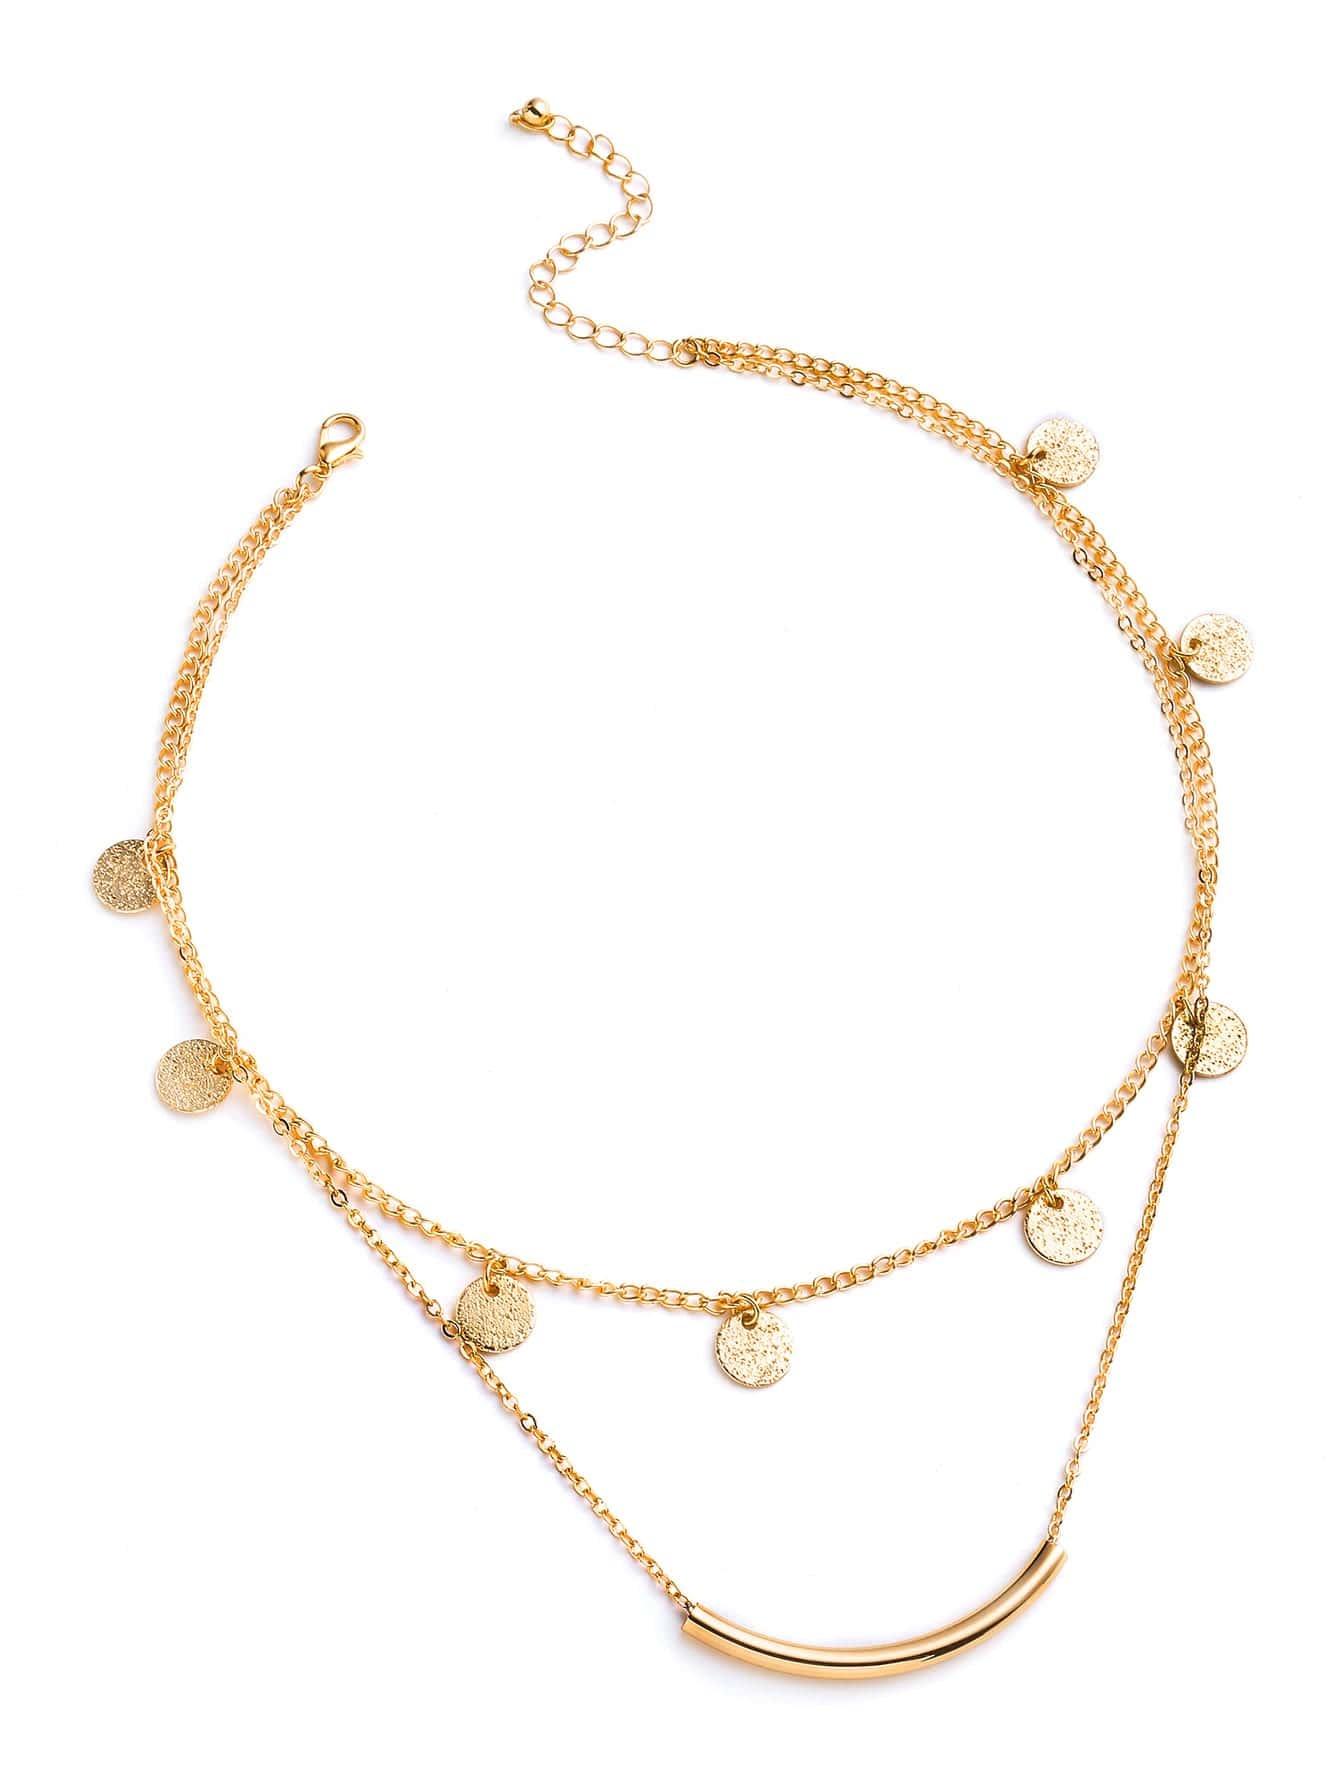 Фото Bar And Sequin Design Layered Necklace. Купить с доставкой